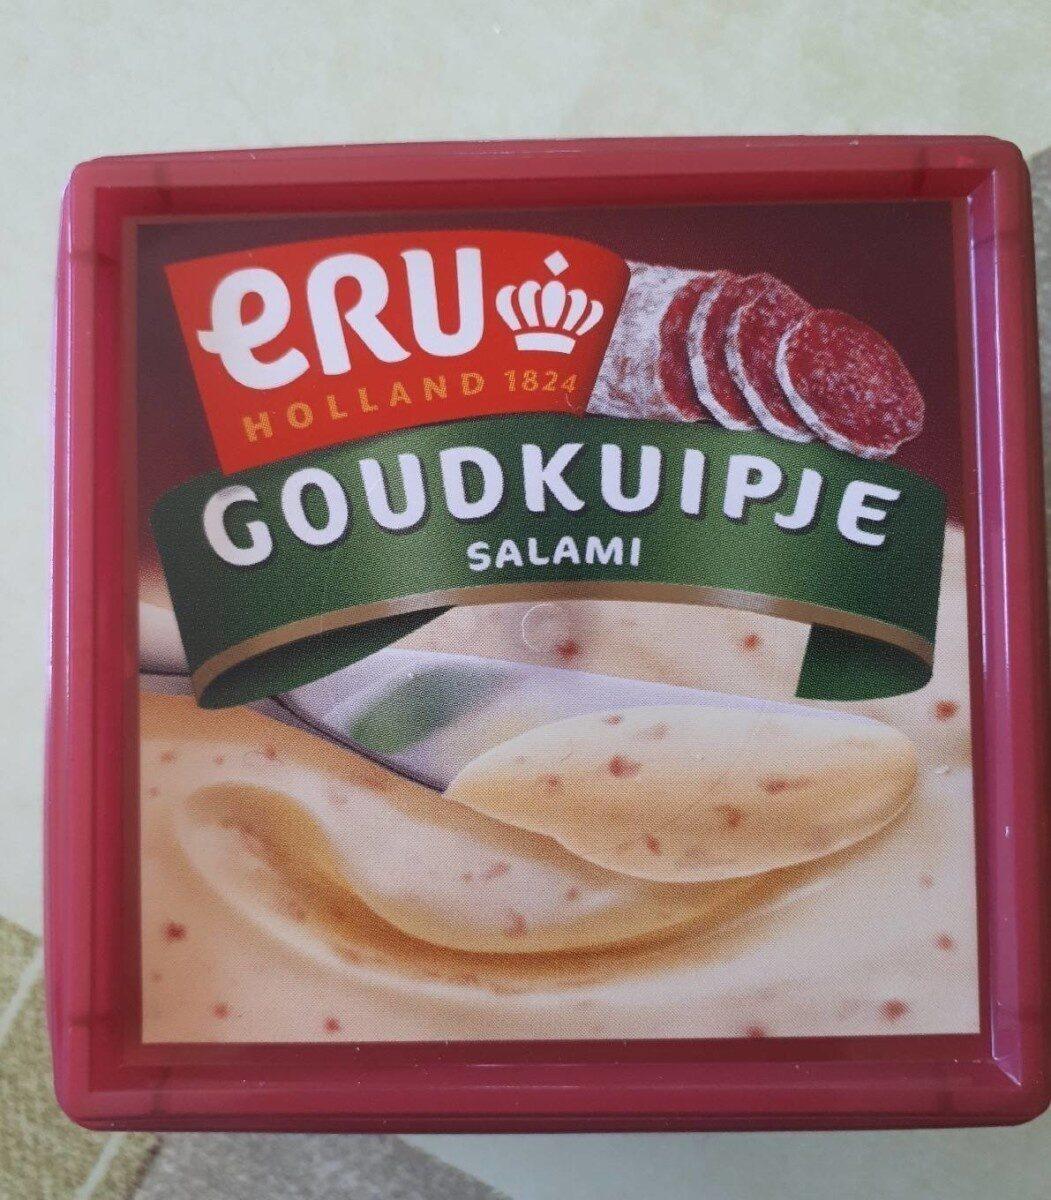 Goudkuipje salami - Product - nl